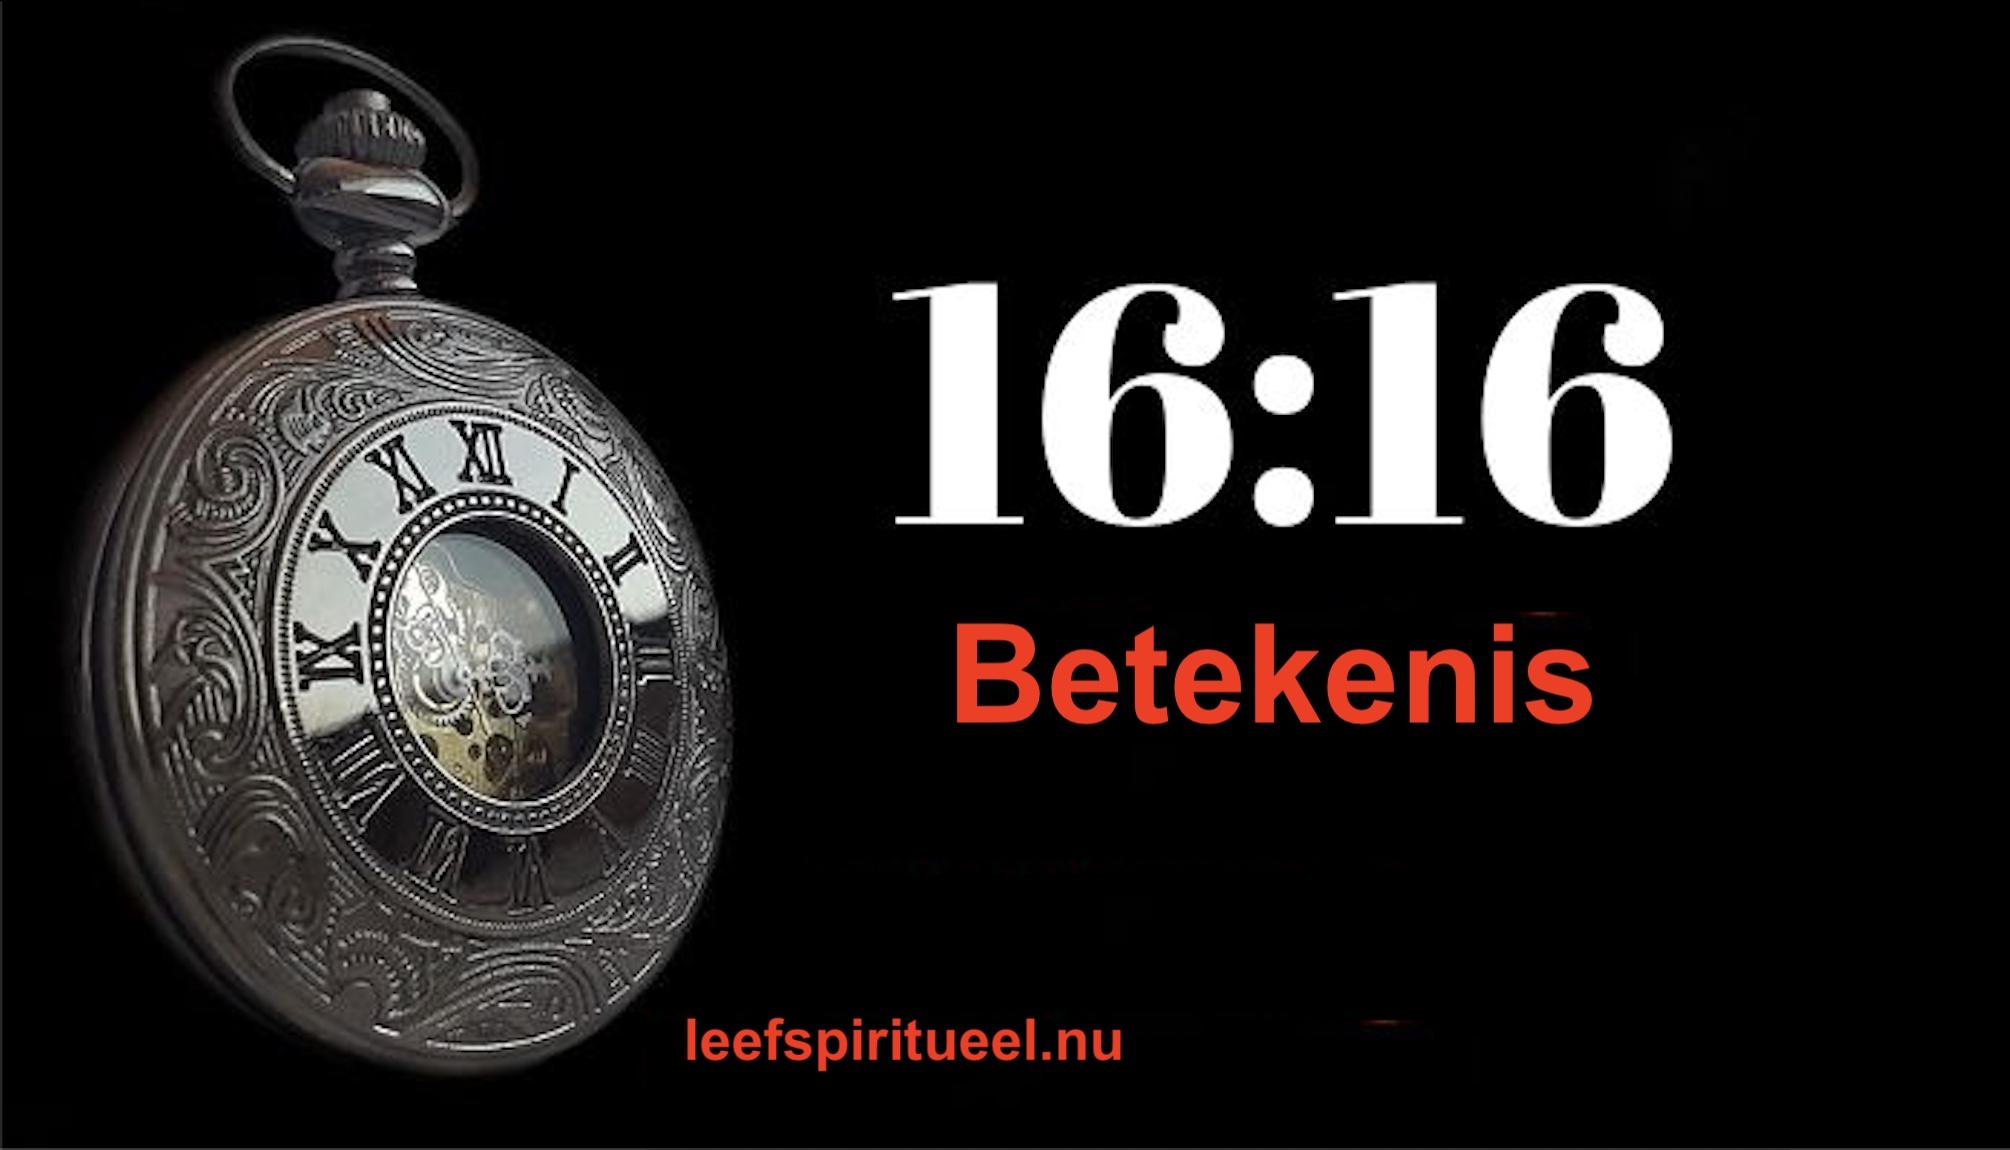 16:16 betekenis dubbel getal